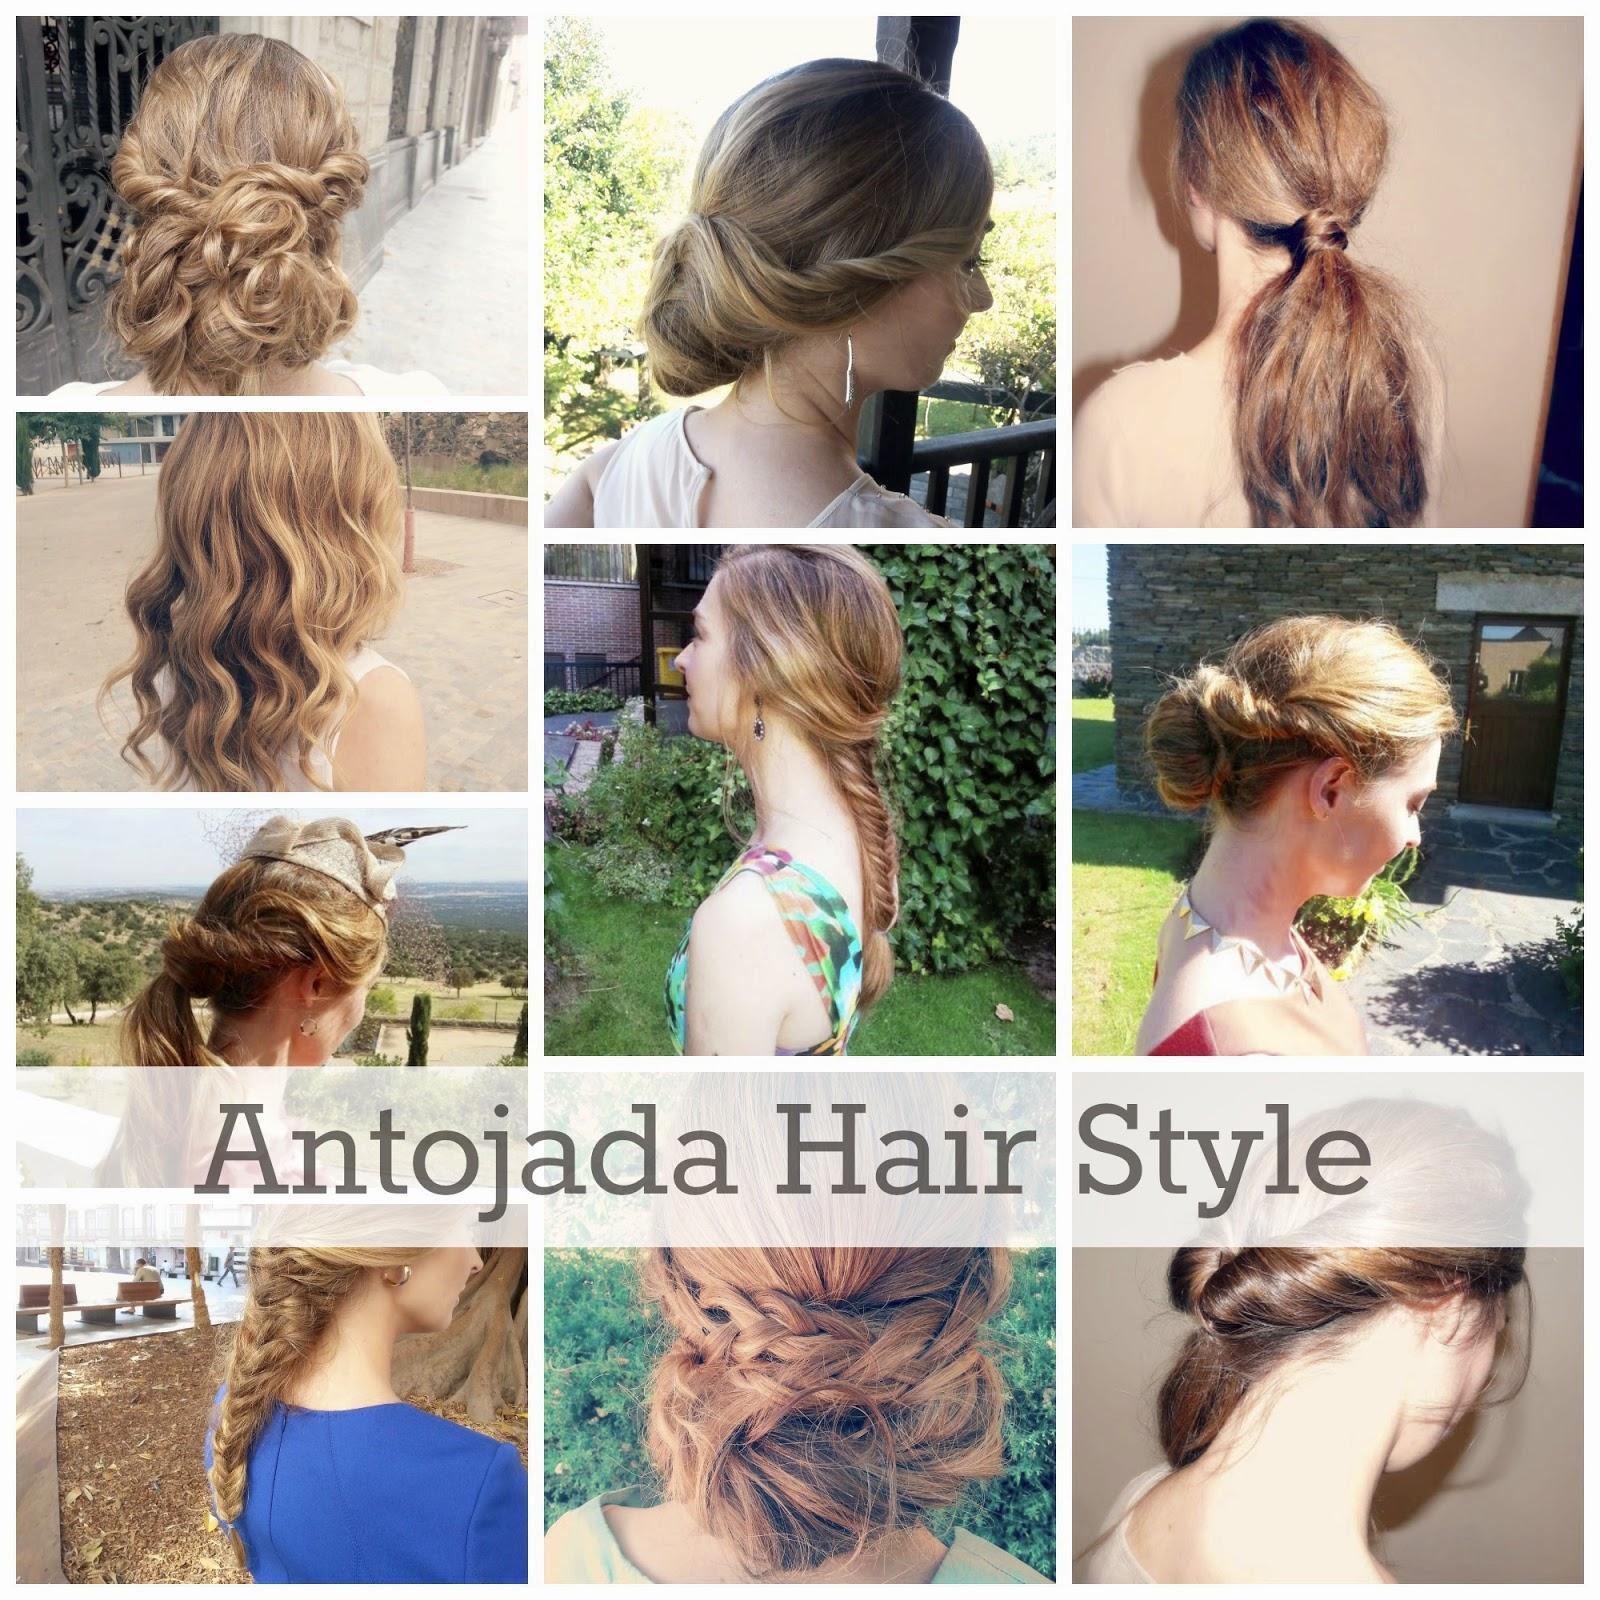 Antojada Hair Style, recopilación de los mejores peinados